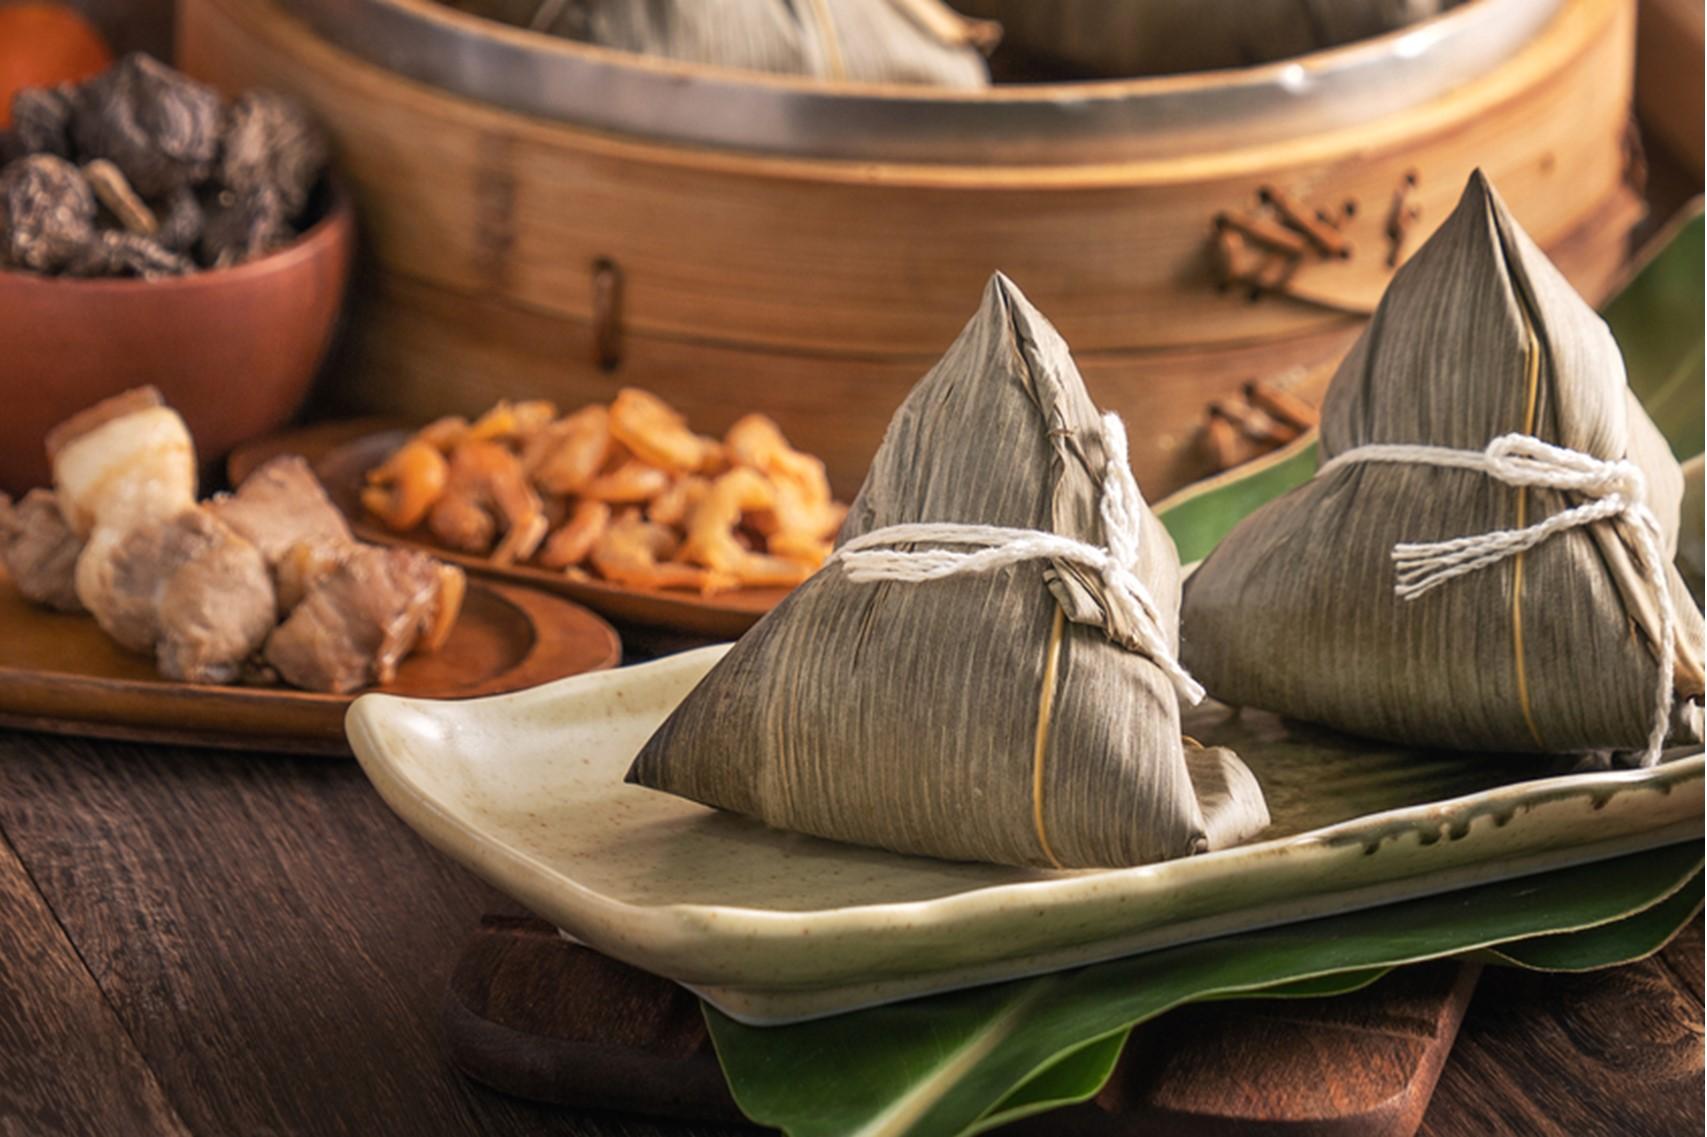 不只是北部粽、南部粽,你有聽過中部粽嗎?讓我們從製作方式、營養成分、沾醬來分析!